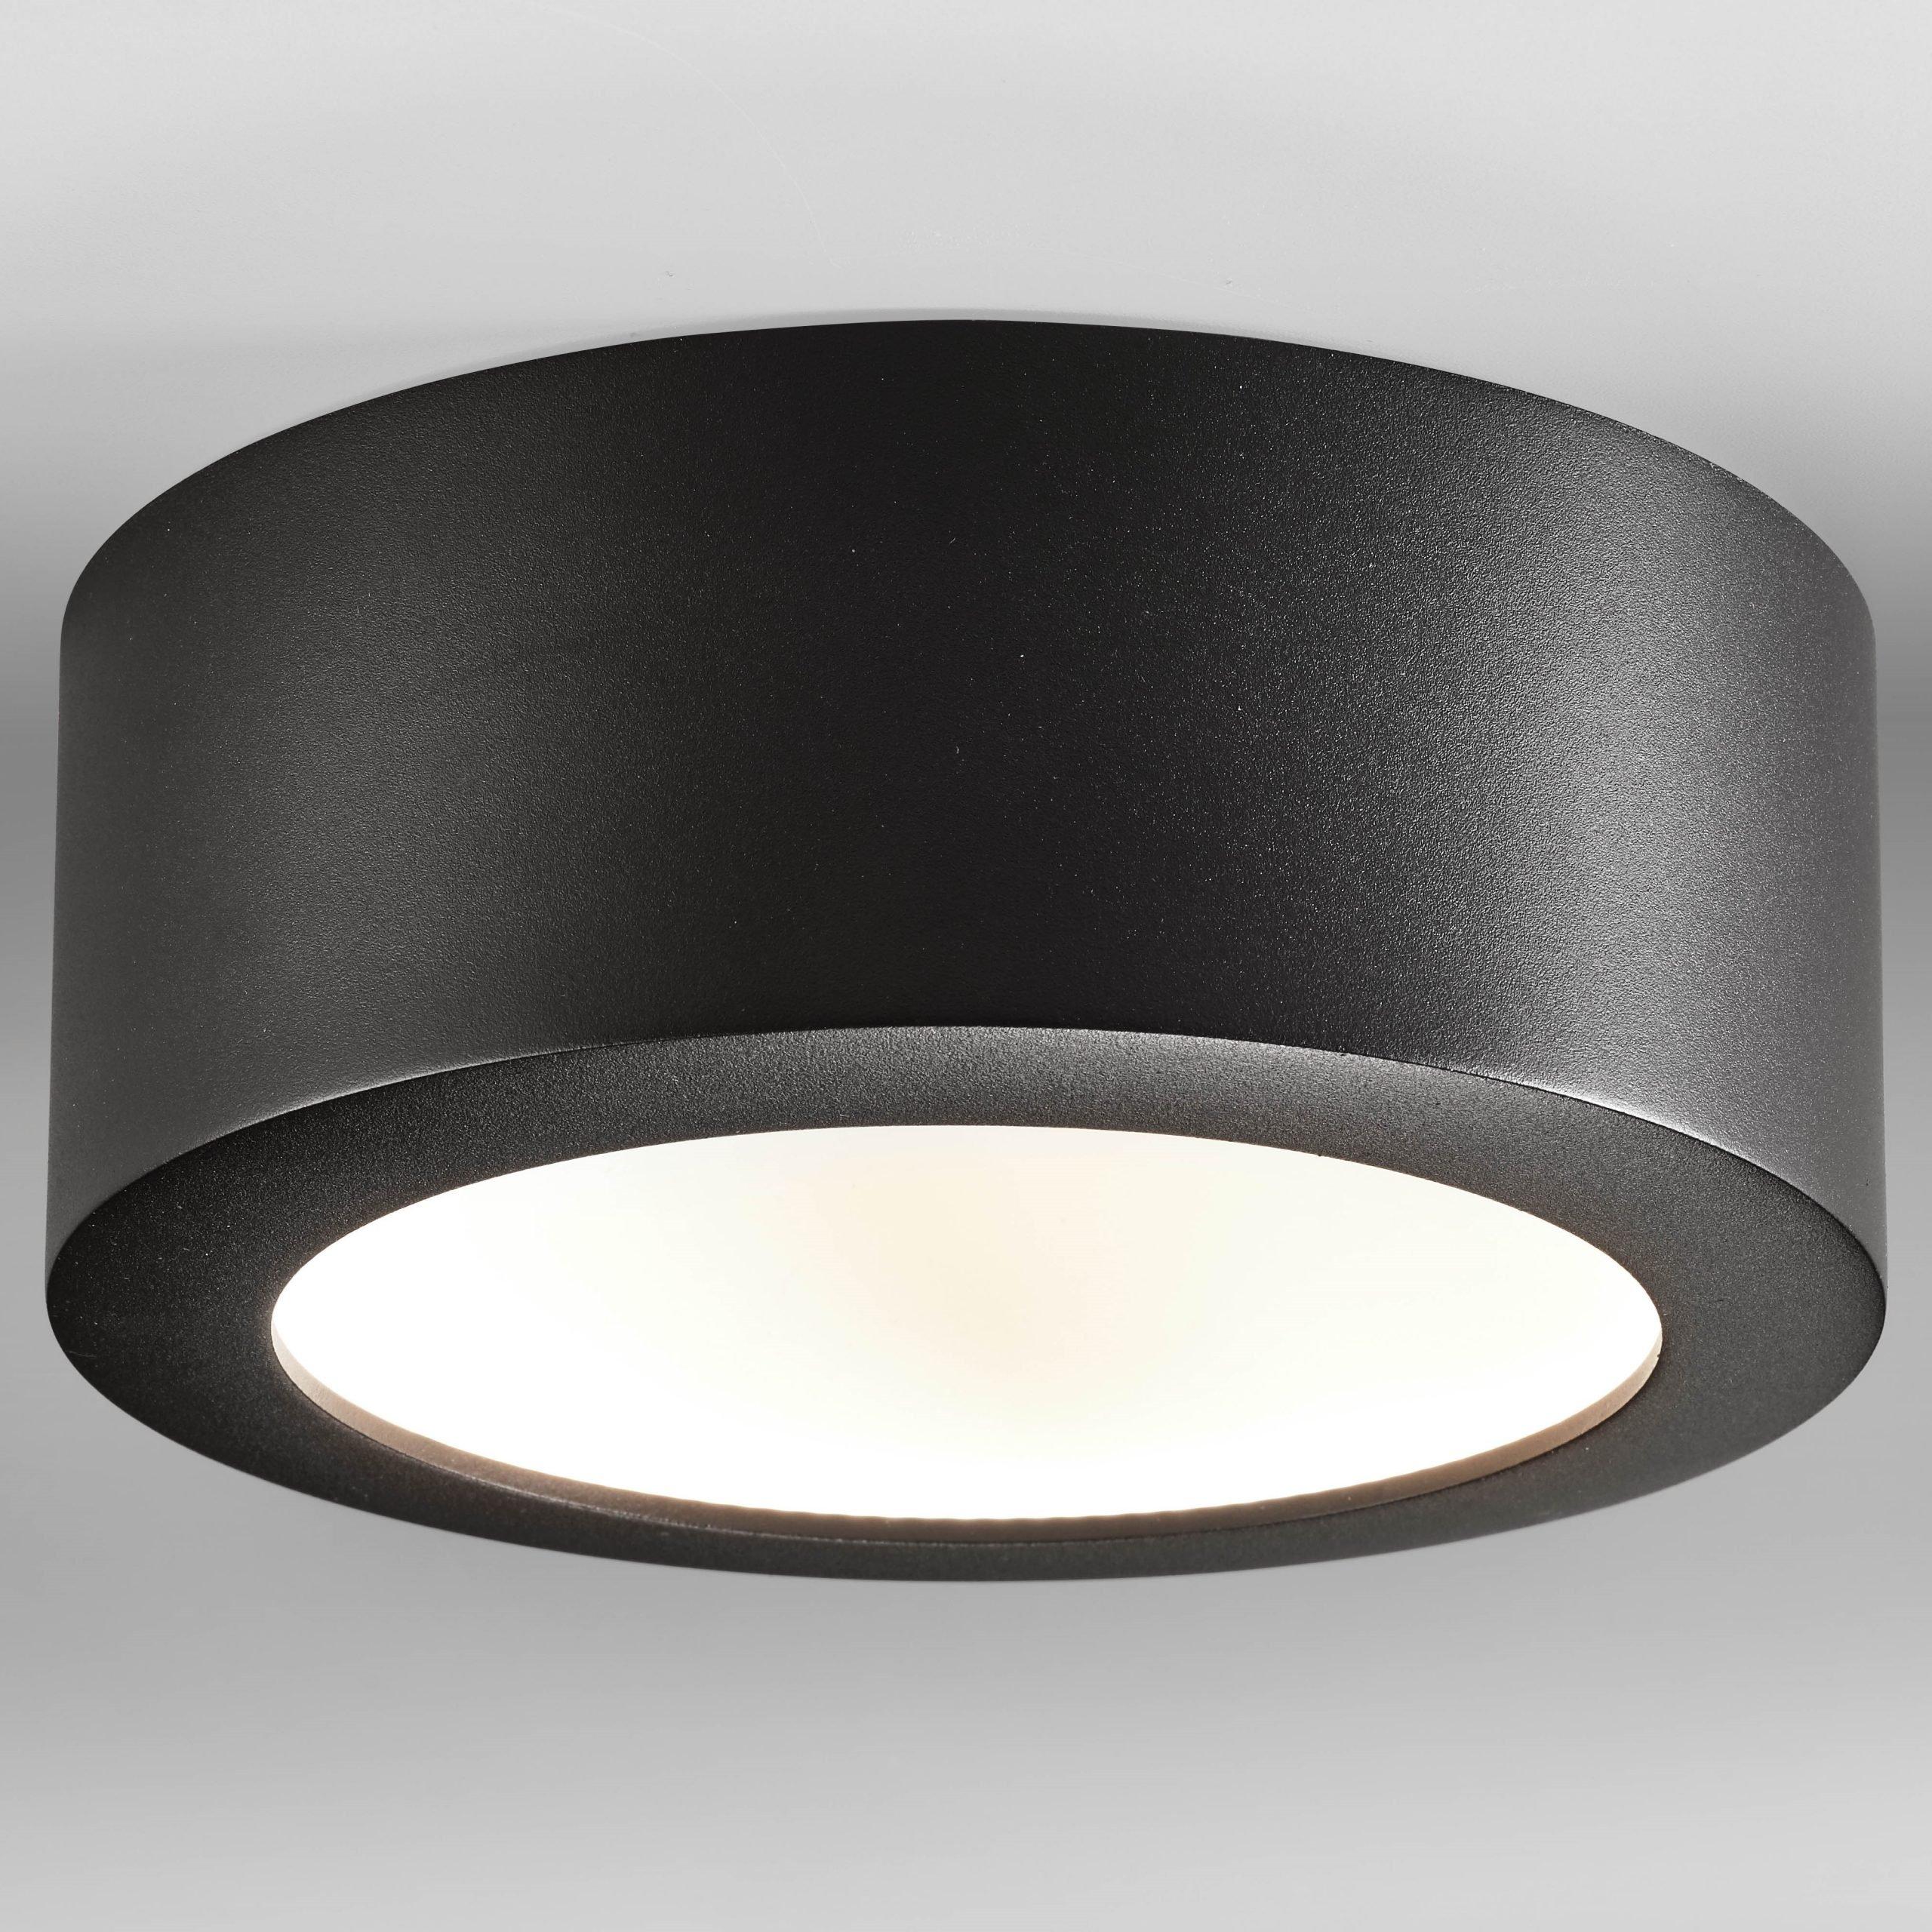 Plafondlamp Bowl Zwart Large